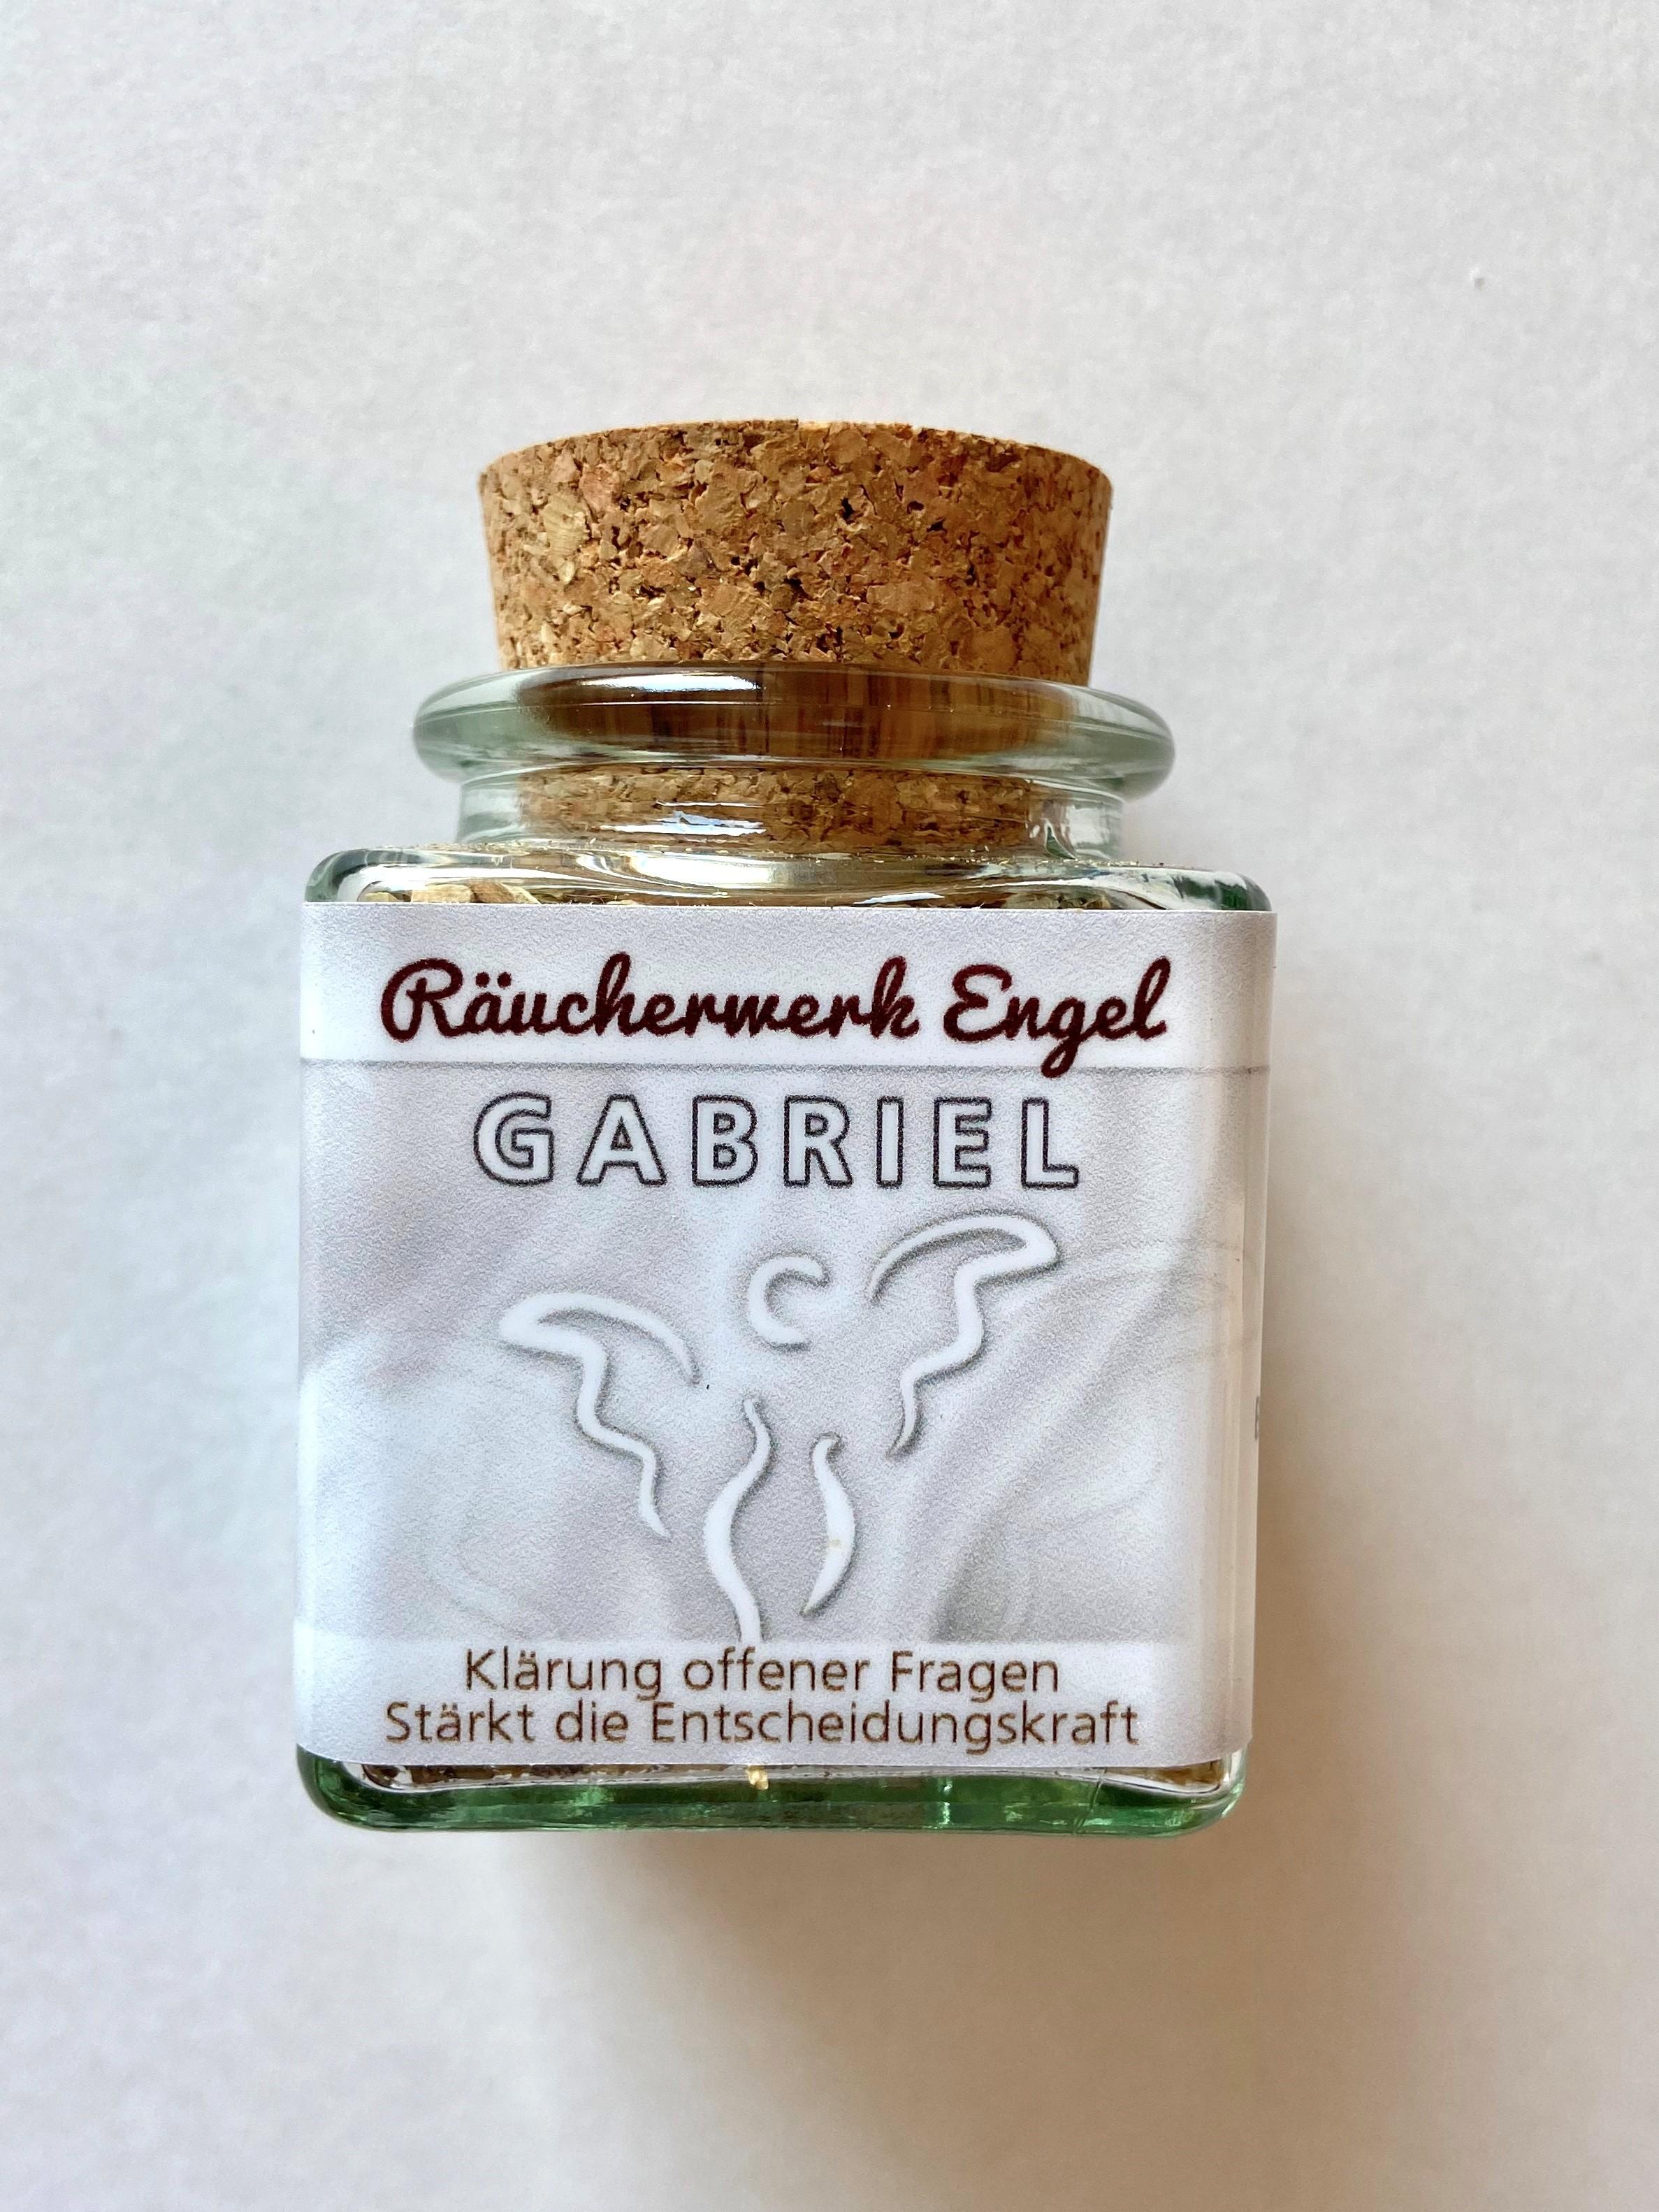 Gabriel Erzengel Räucherwerk Engel 100ml bio